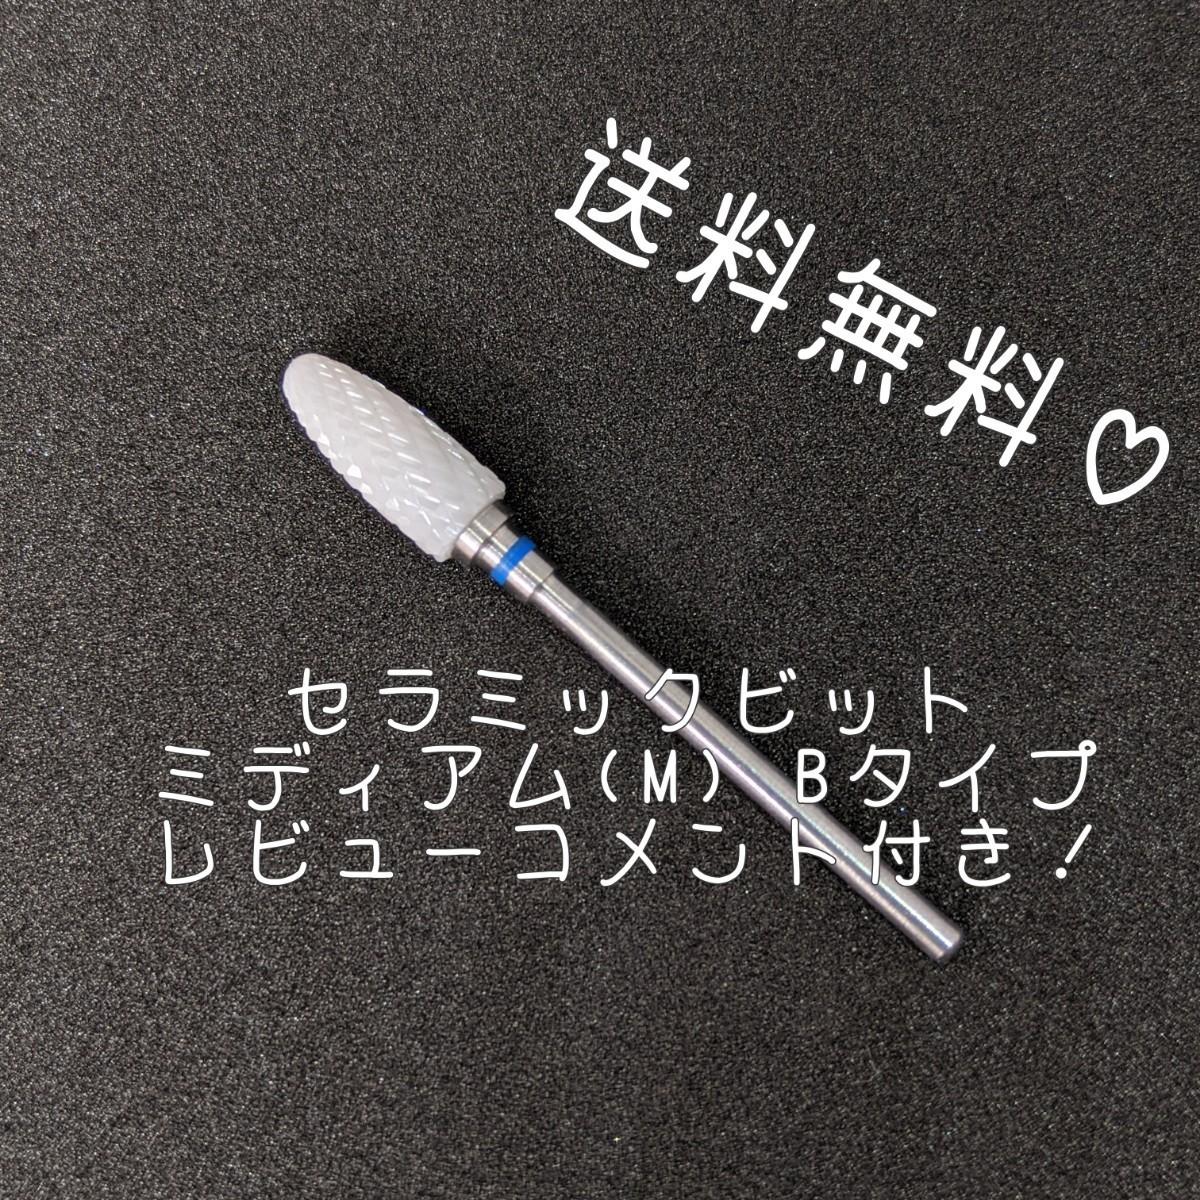 セラミックビット ミディアム(M) Bタイプ【送料無料・即購入OK】